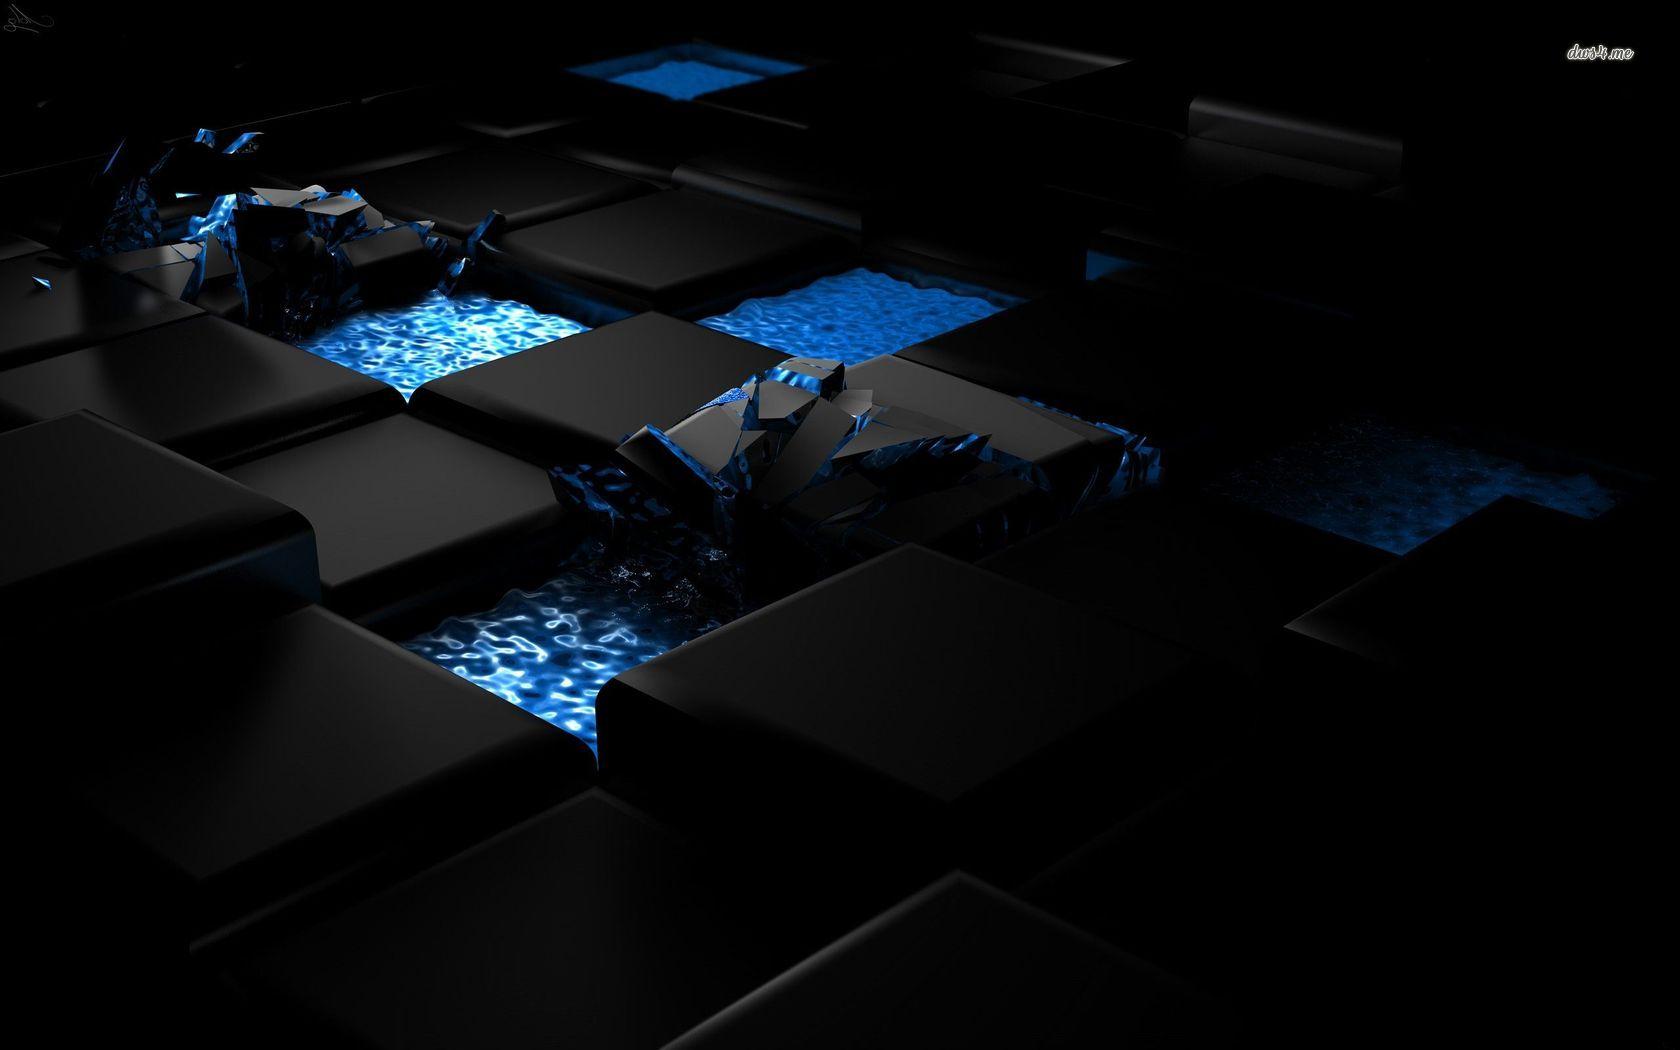 Black cube wallpaper wallpapersafari for Exclusive 3d wallpaper